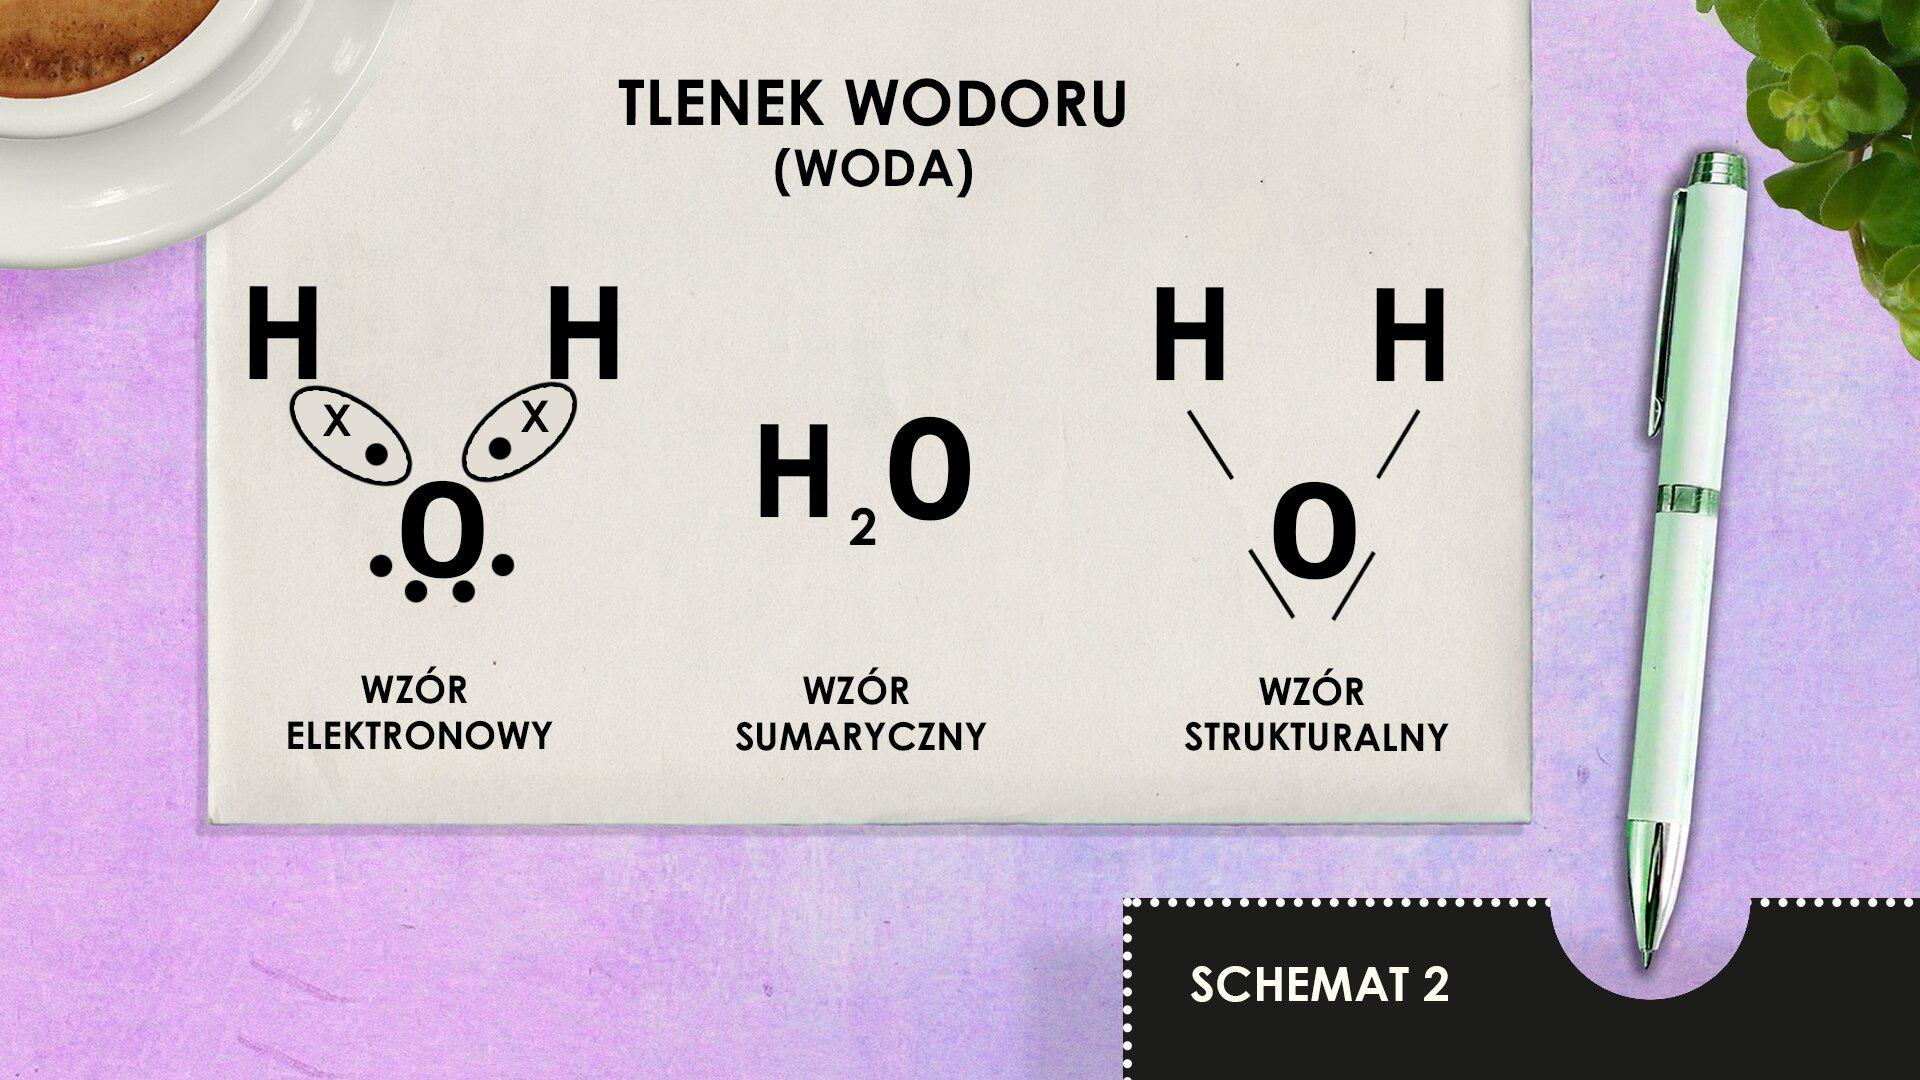 """Ilustracja przedstawia trzy metody zapisu wzoru cząsteczki tlenku wodoru (wody) za pomocą: wzoru elektronowego, wzoru sumarycznego oraz wzoru strukturalnego. Rysunek przedstawia leżącą na jasnofioletowej powierzchni białą kartkę. Lewy górny róg kartki przykryty jest spodkiem filiżanki zkawą, której fragment jest widoczny wgórnym prawym rogu rysunku. Po prawej stronie kartki leży długopis. Na kartce wjej górnej części po środku widnieje napis wykonany dużymi literami: """"TLENEK WODORU"""", aponiżej wnawiasie słowo """"WODA"""". Poniżej tego napisu umieszczone zostały trzy wzory H2O, każdy podpisany. Od lewej: 1. wzór elektronowy zzaznaczonymi ładunkami cząstkowymi,2. wzór sumaryczny, 3. wzór strukturalny zzaznaczonymi wiązaniami. Podpisy pod wzorami wykonane są dużymi literami napisane czarną czcionką. Wdolnym prawym rogu rysunku na czarnym tle widnieje napis """"SCHEMAT2"""" napisany dużymi literami wkolorze białym."""